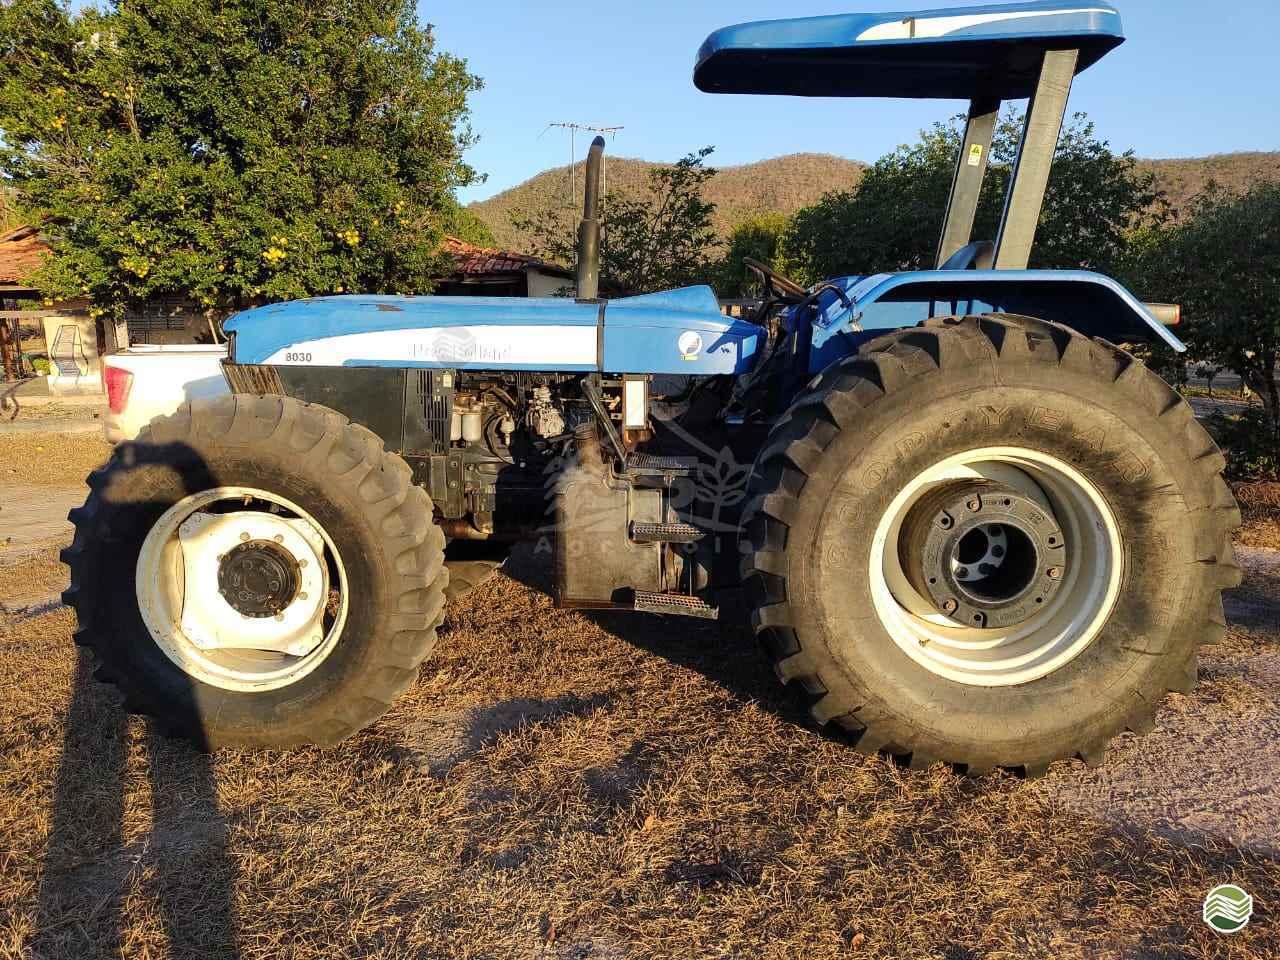 TRATOR NEW HOLLAND NEW 8030 Tração 4x4 JS Agrícola CAMPO VERDE MATO GROSSO MT